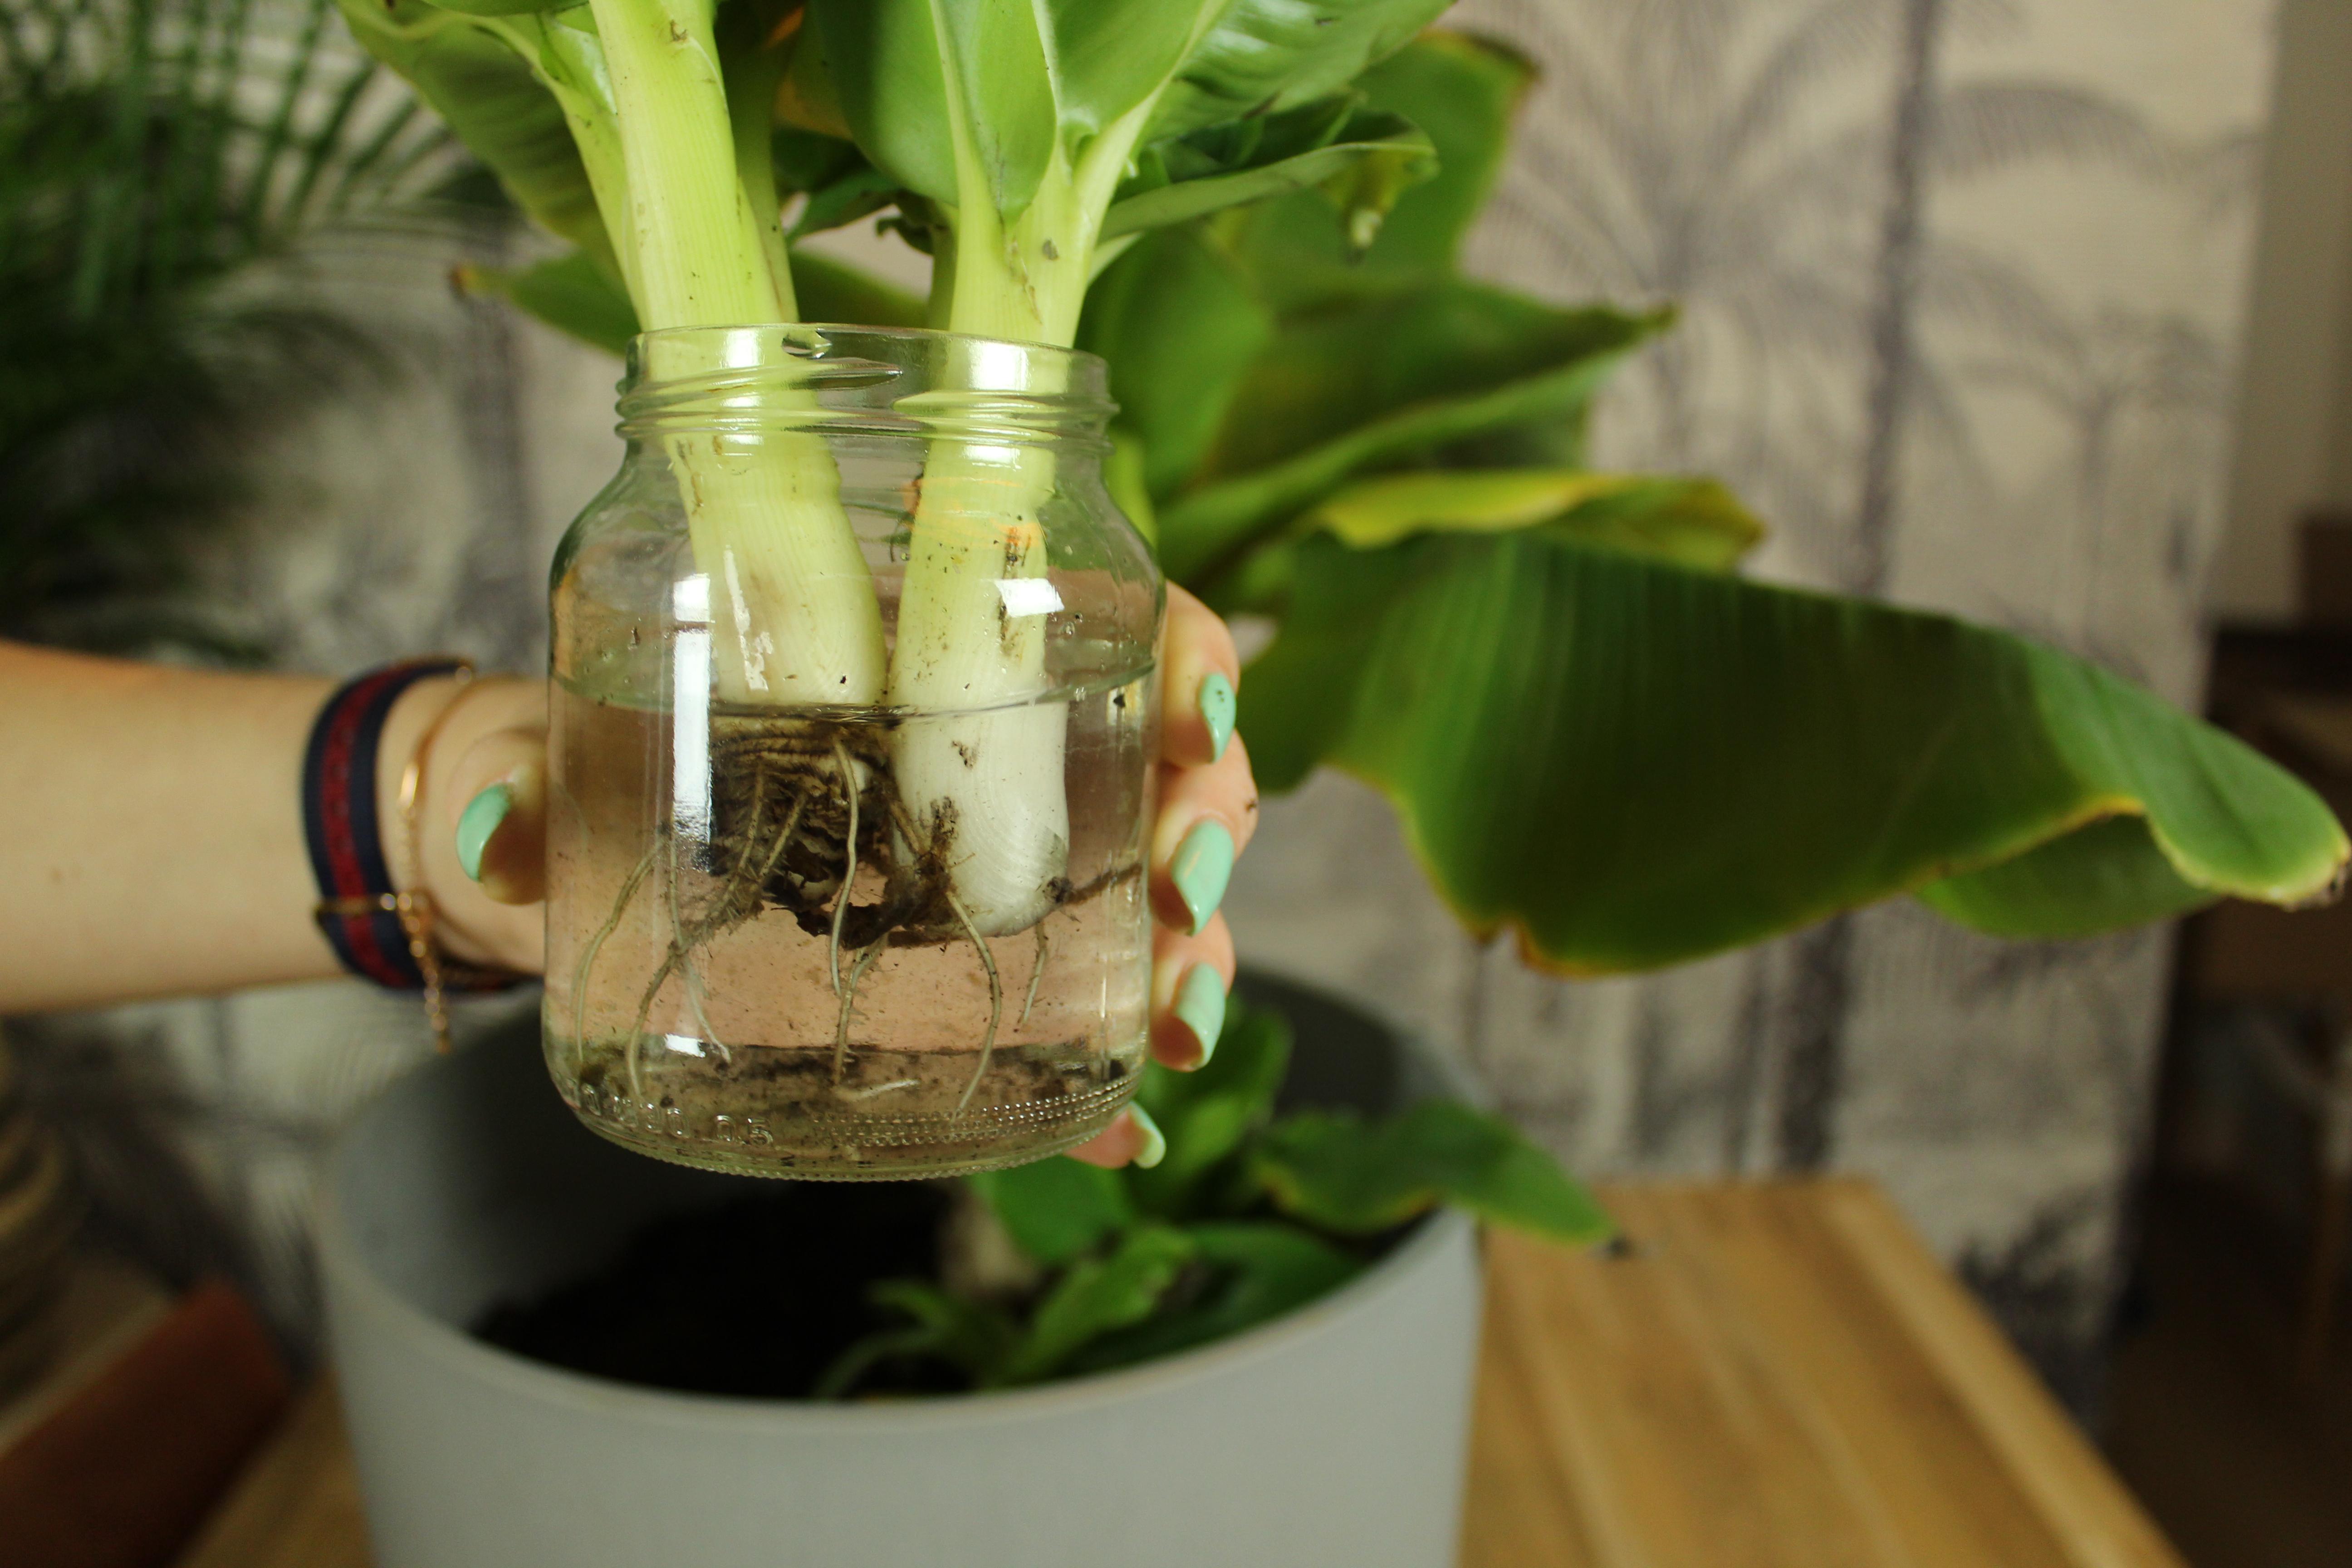 Stekjes bananenplant in potje met water